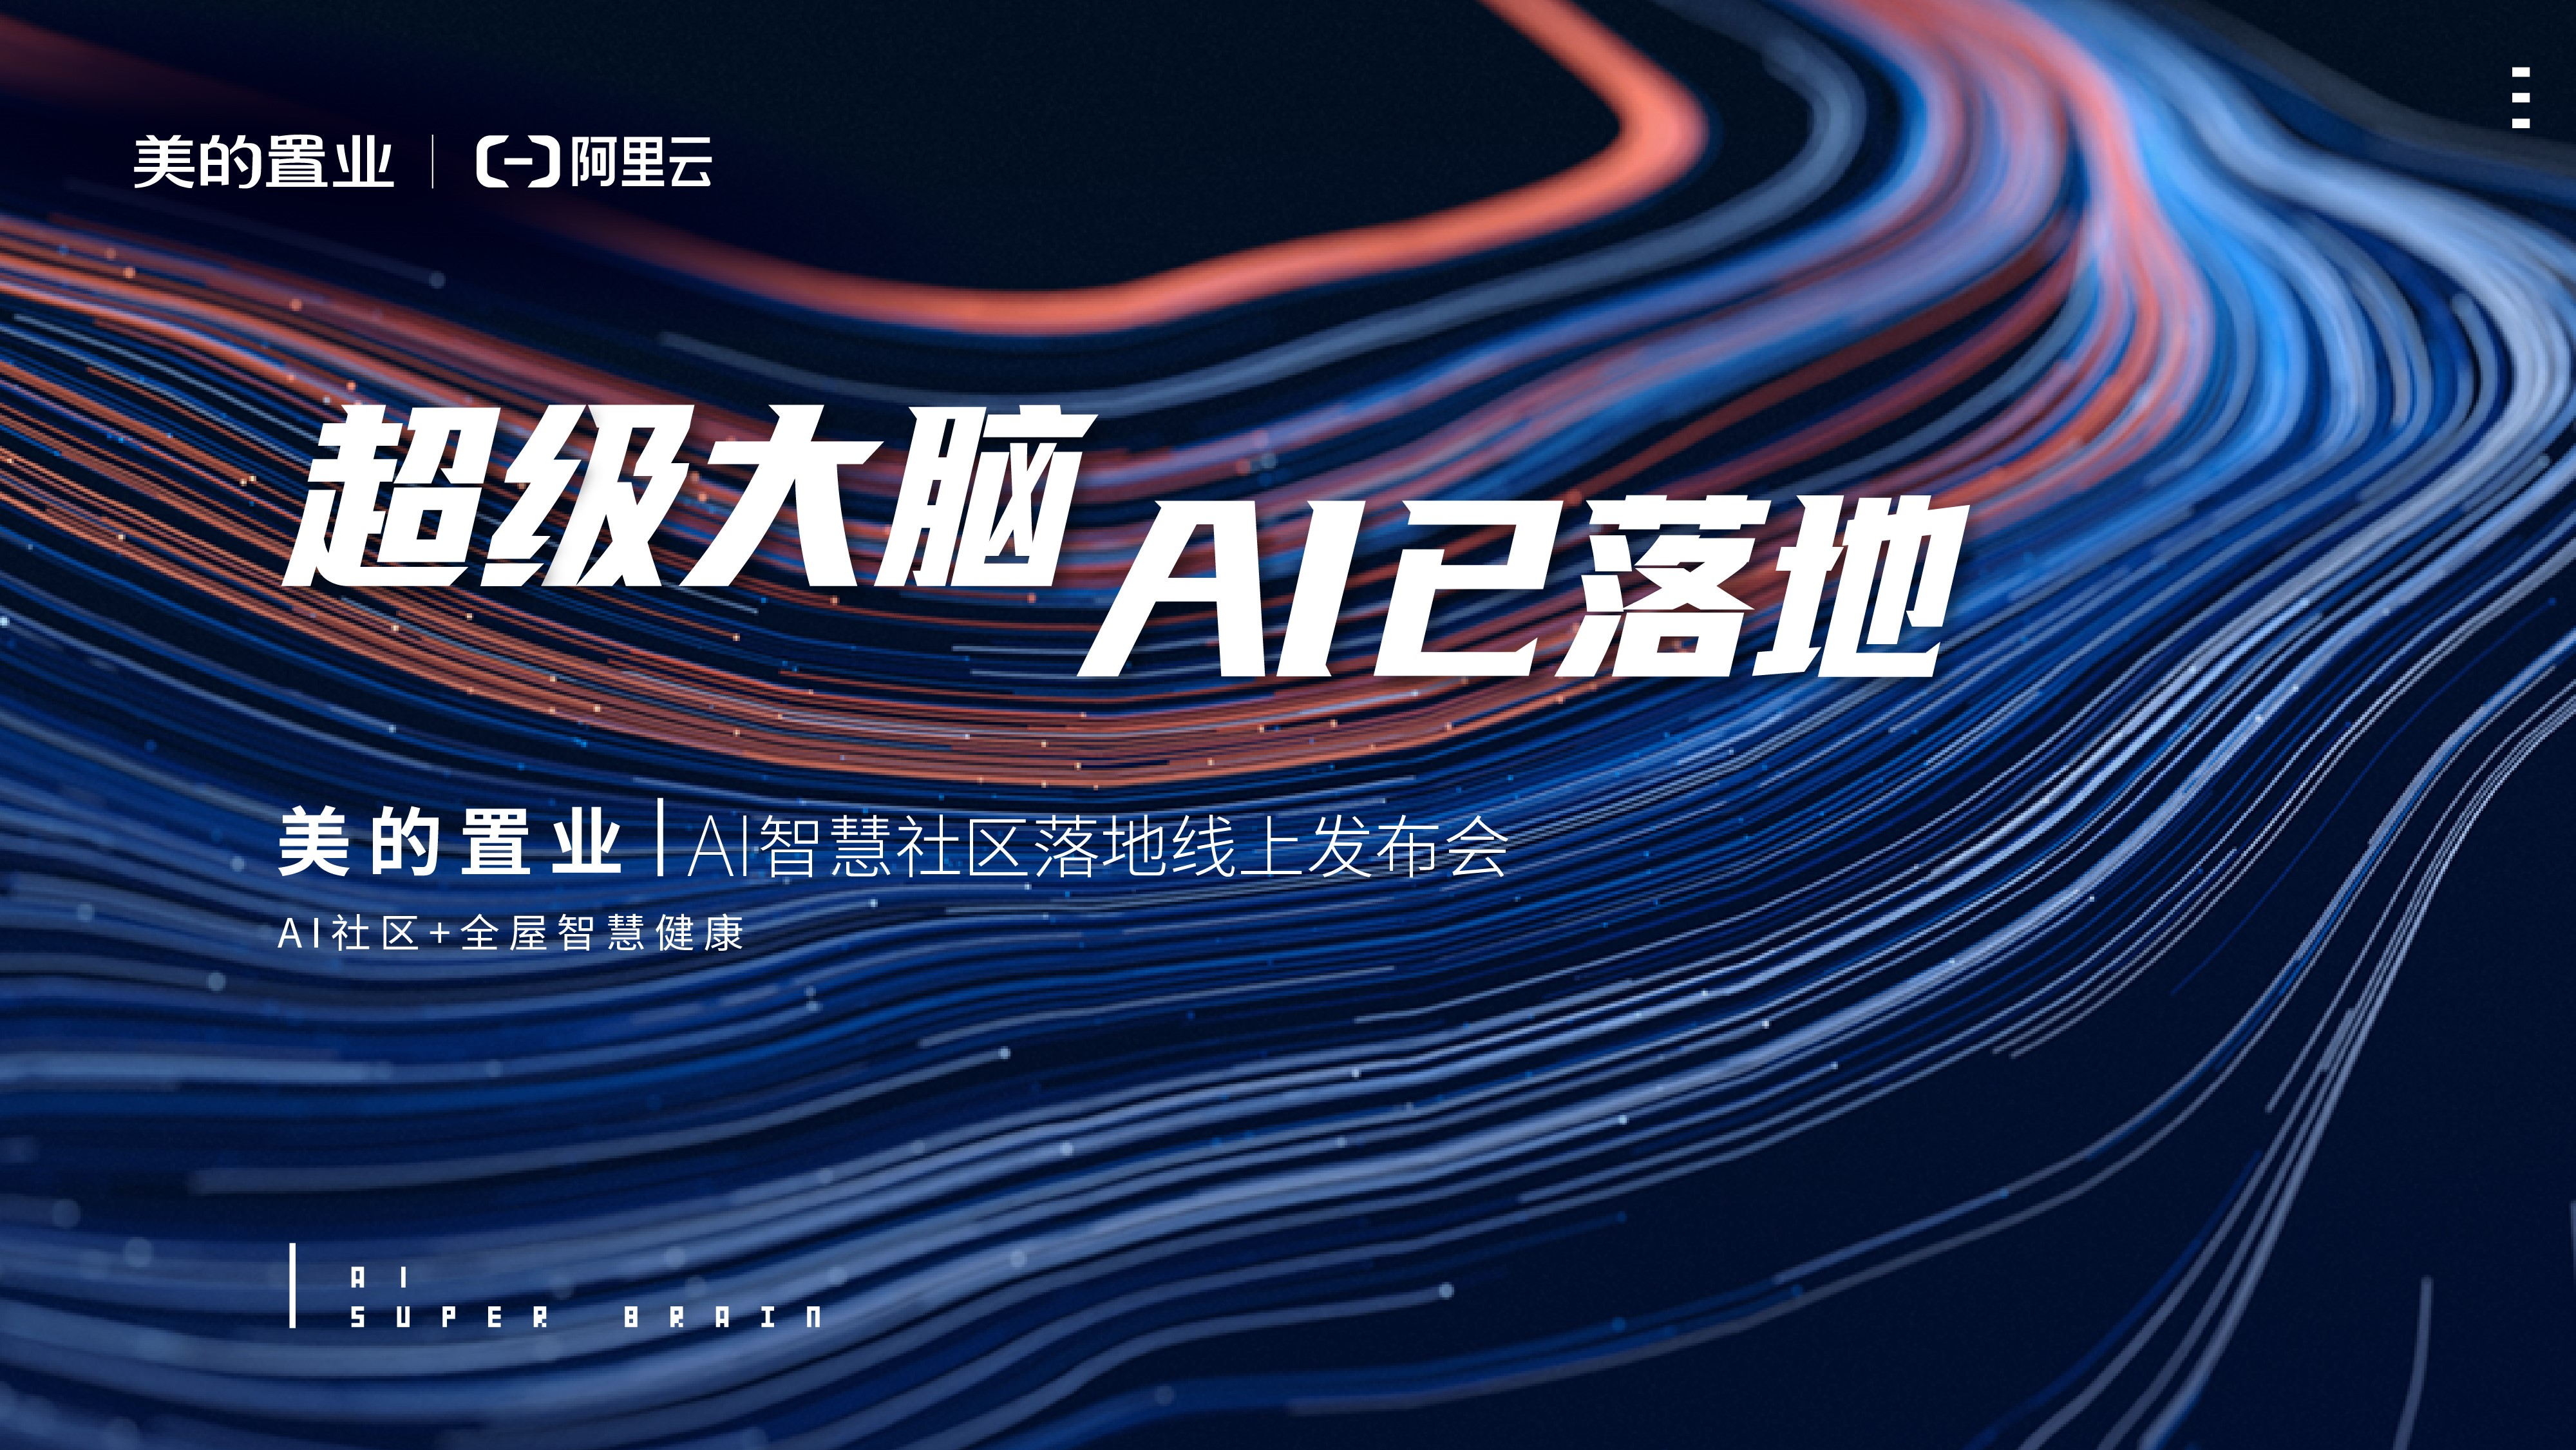 美的置业联手阿里云落地首个AI社区 解锁健康智慧人居新生活